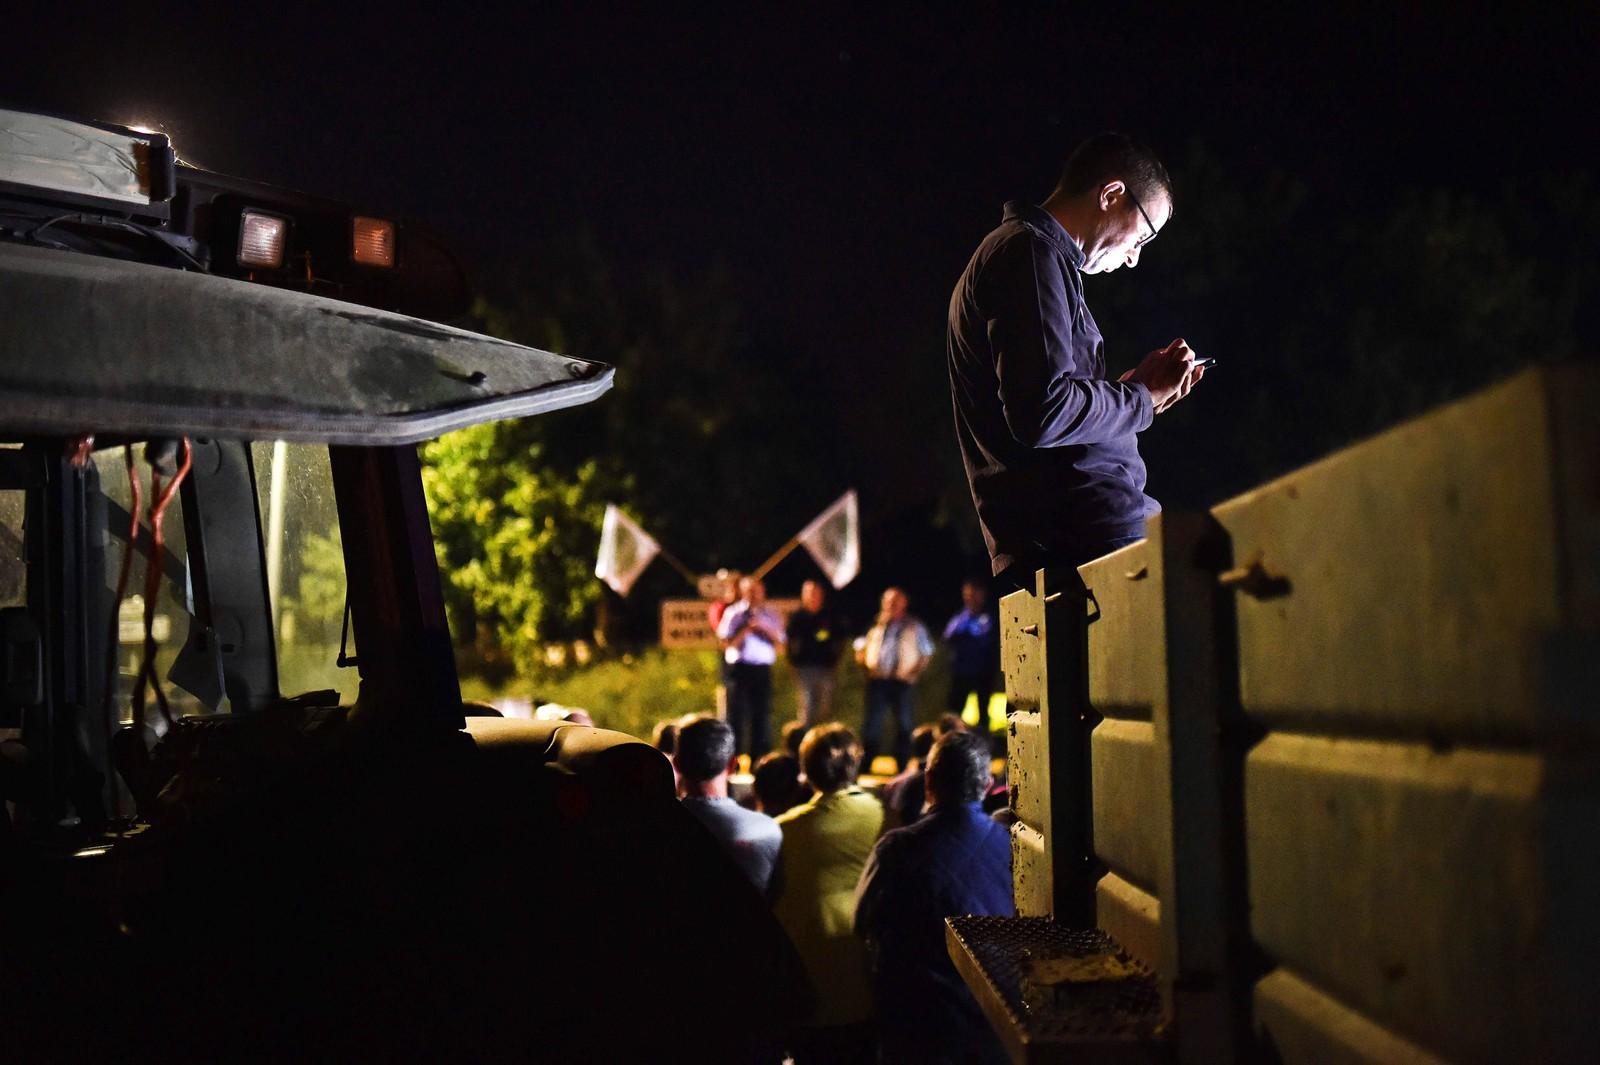 Franske bønder blokkerer hovedkvarteret til meieriselskapet Lactalis i Saint-Florent-Le-Viell den 29. august. Bøndene krever at selskapet øker innkjøpsprisen på melk.